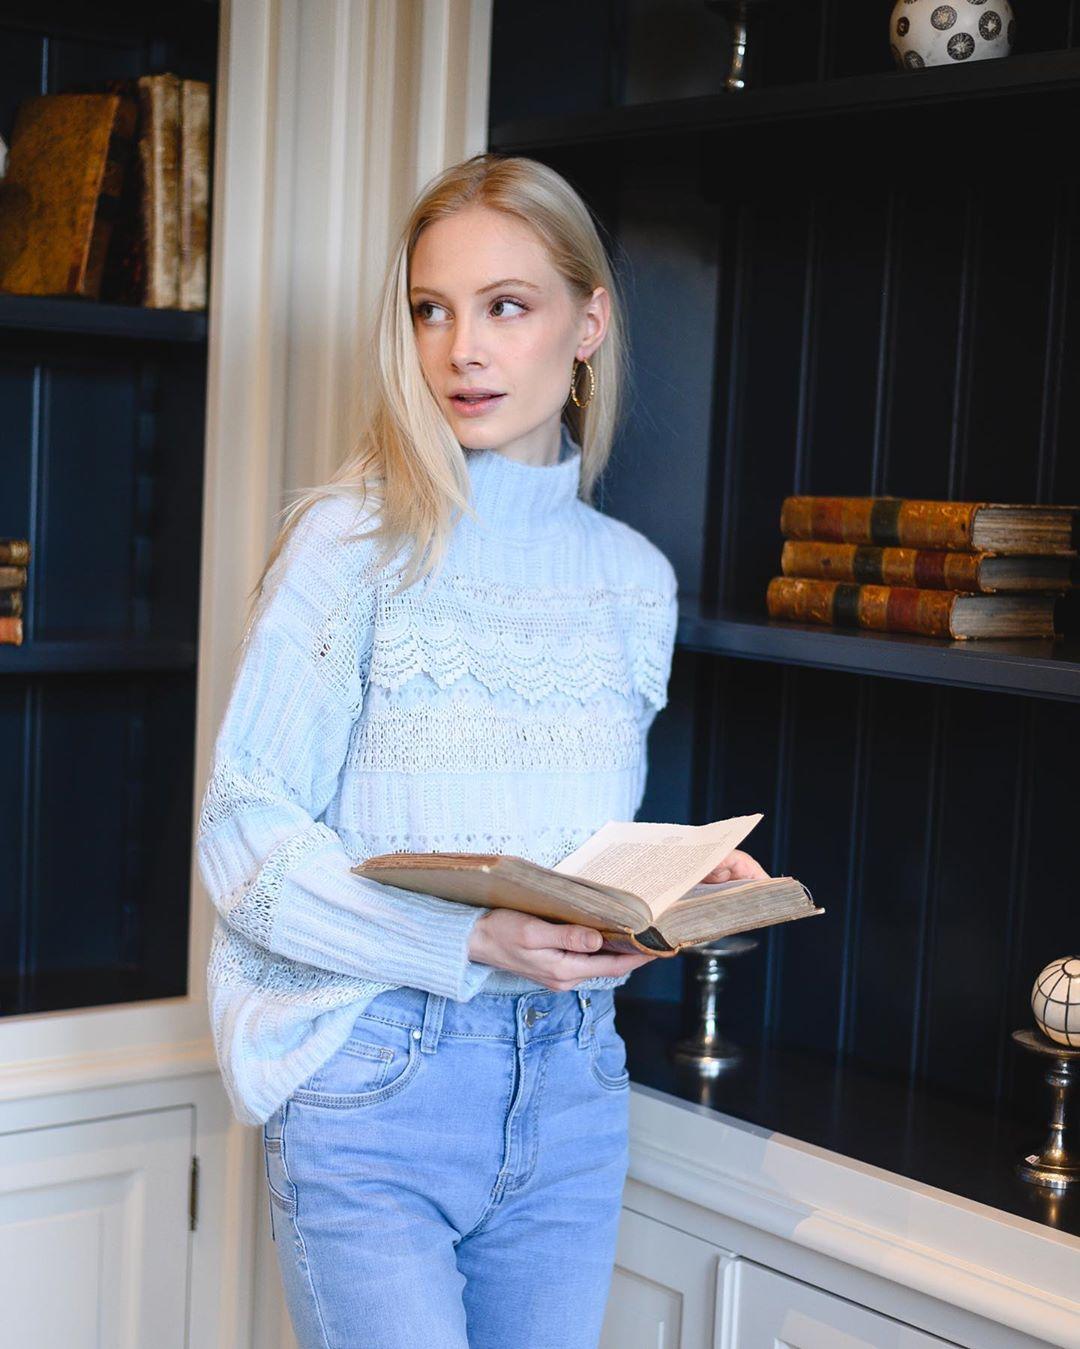 jeans momfit de Les Bourgeoises sur lesbourgeoisesofficiel